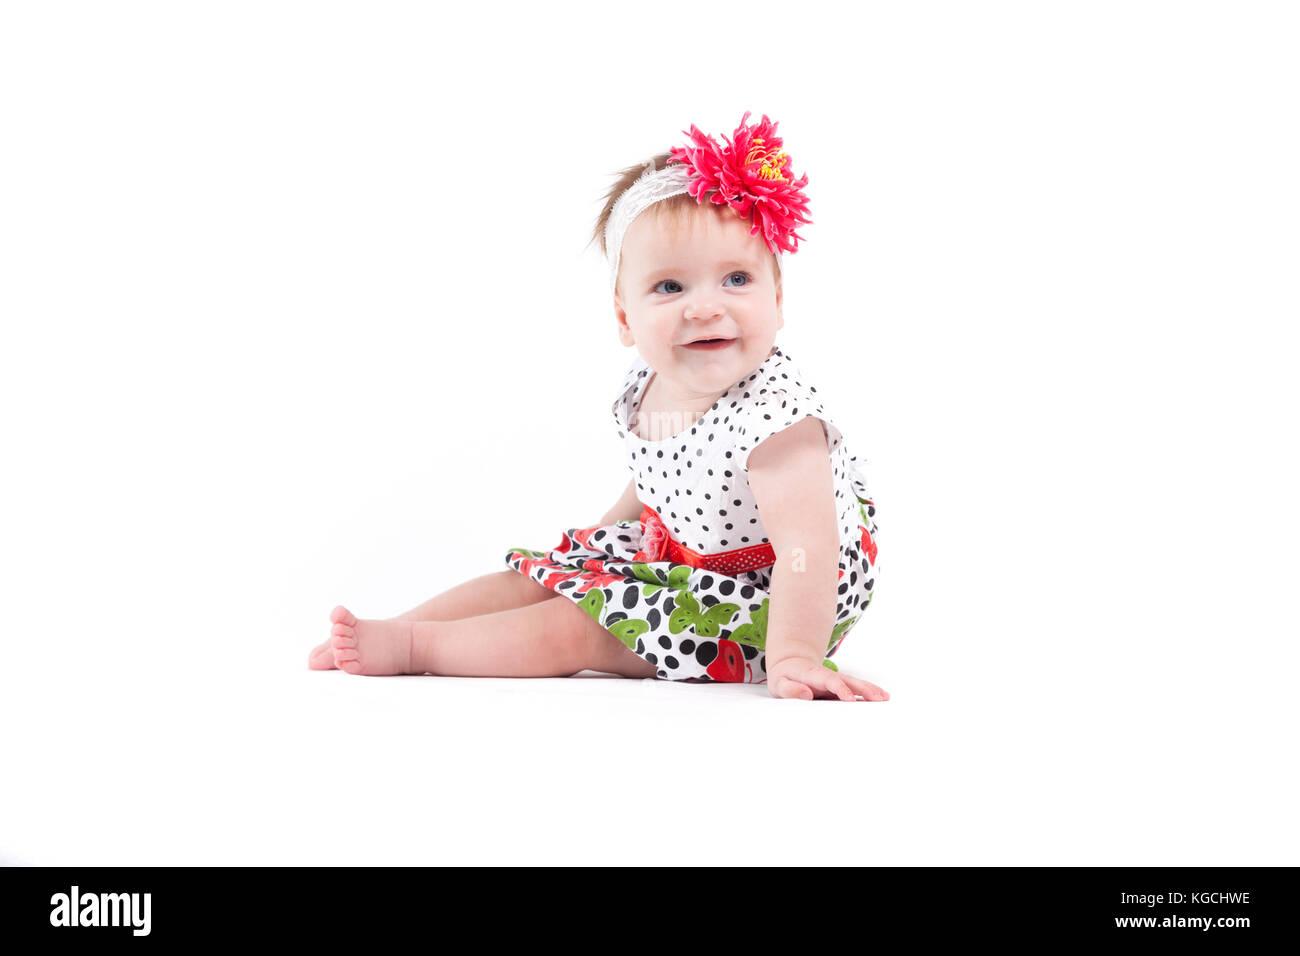 33175a757 Linda niña hermosa en dot vestido rojo con mariposas y w Foto ...